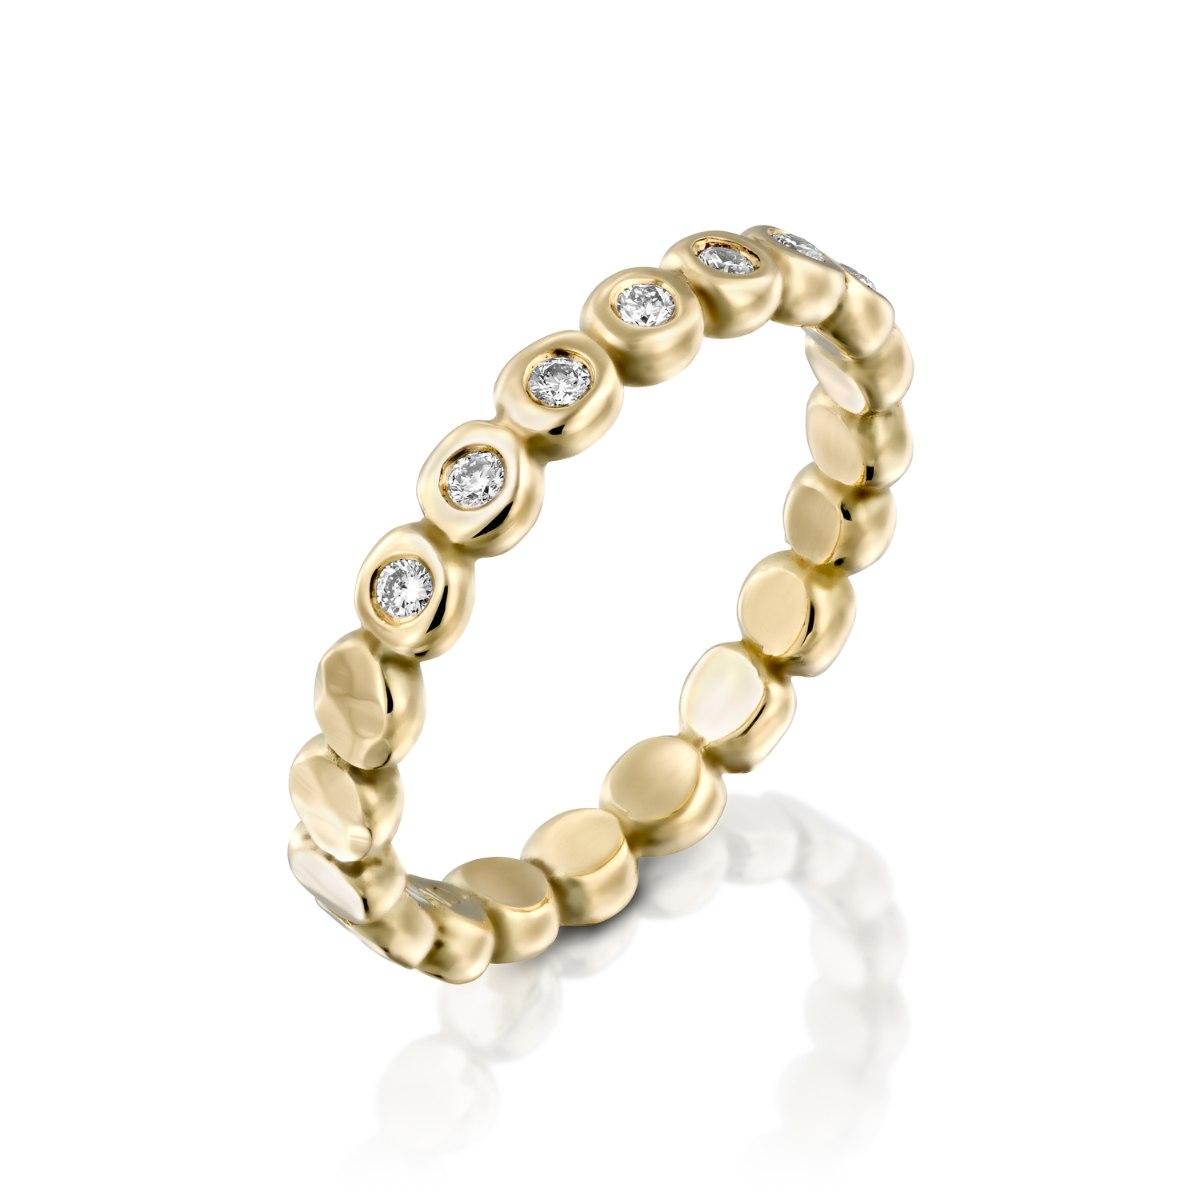 טבעת זהב 14 קרט צהוב סוכריות מרוקעות משובצת יהלומים נועה טריפ noa tripp